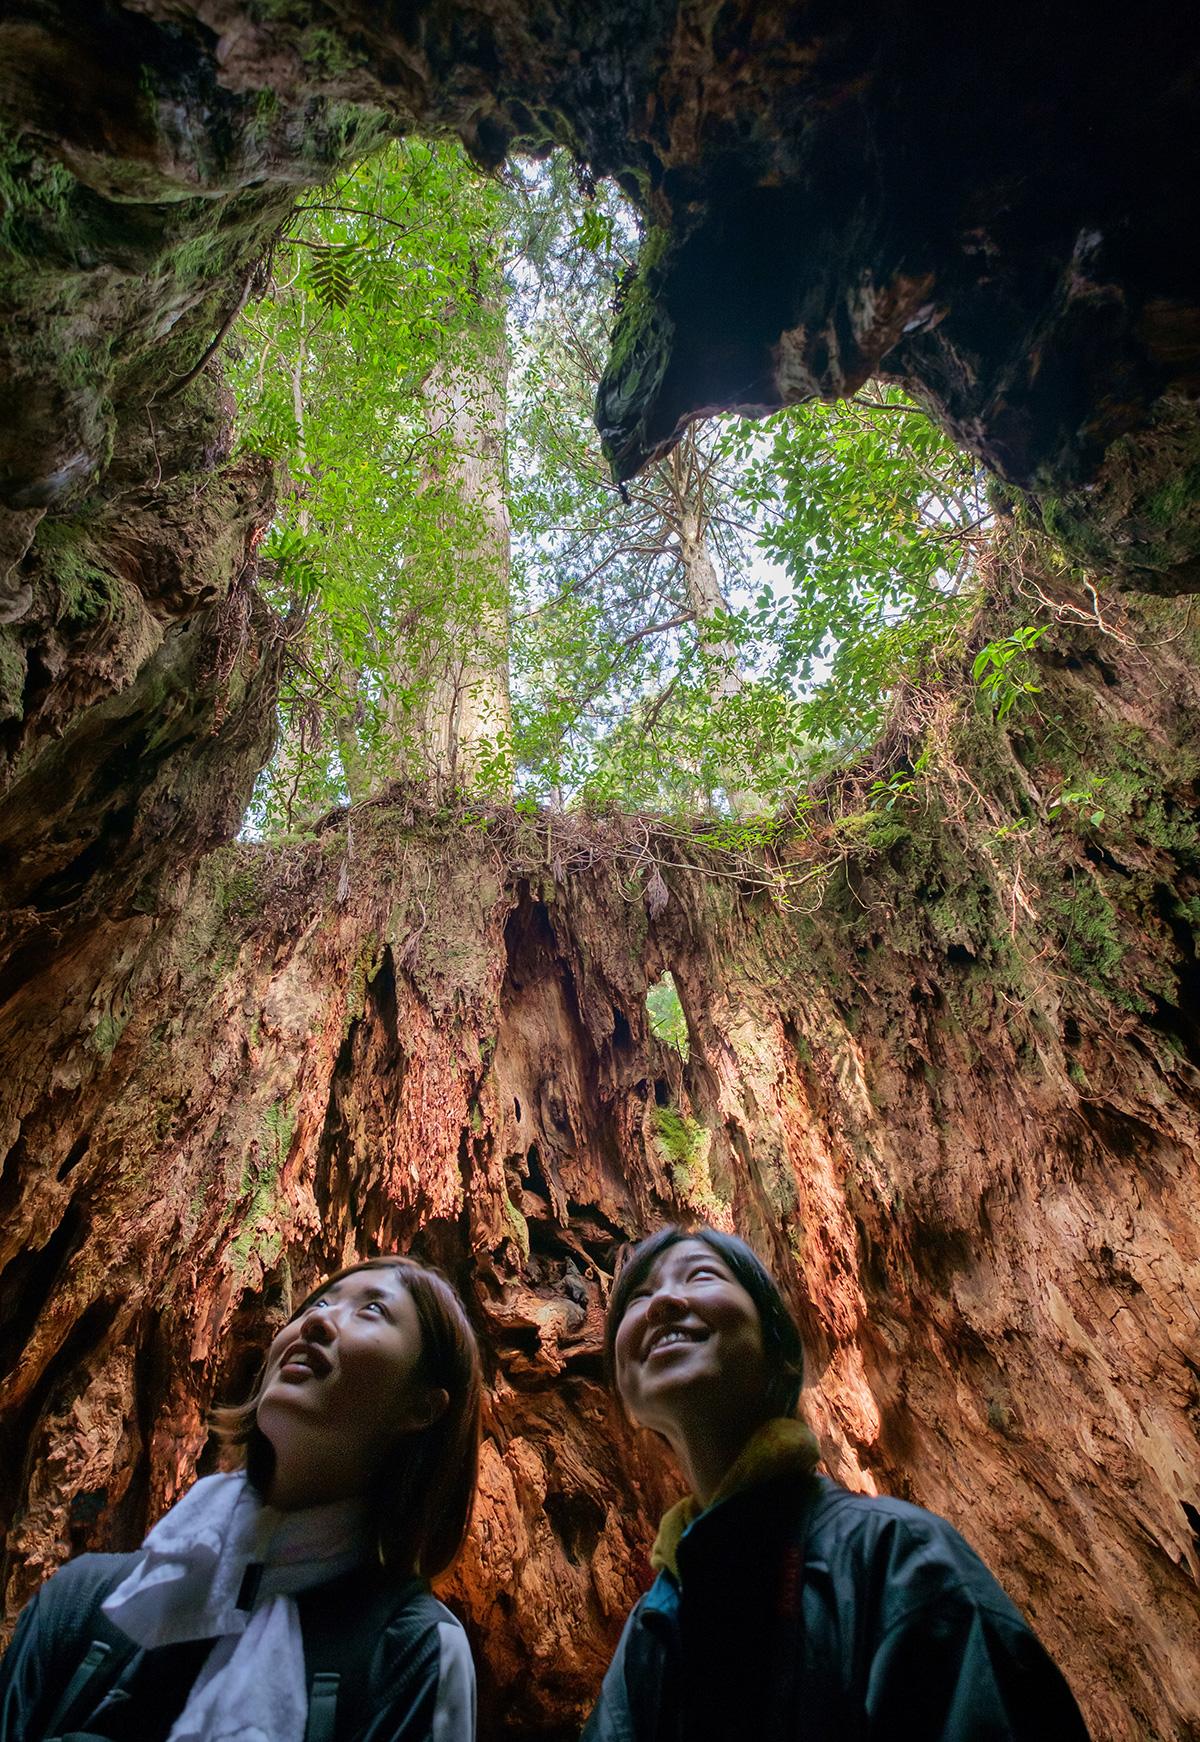 Deux amies japonaises se tiennent à l'intérieur d'un vieil arbre creux. L'ouverture du tronc en forme de cœur souligne leur amitié.